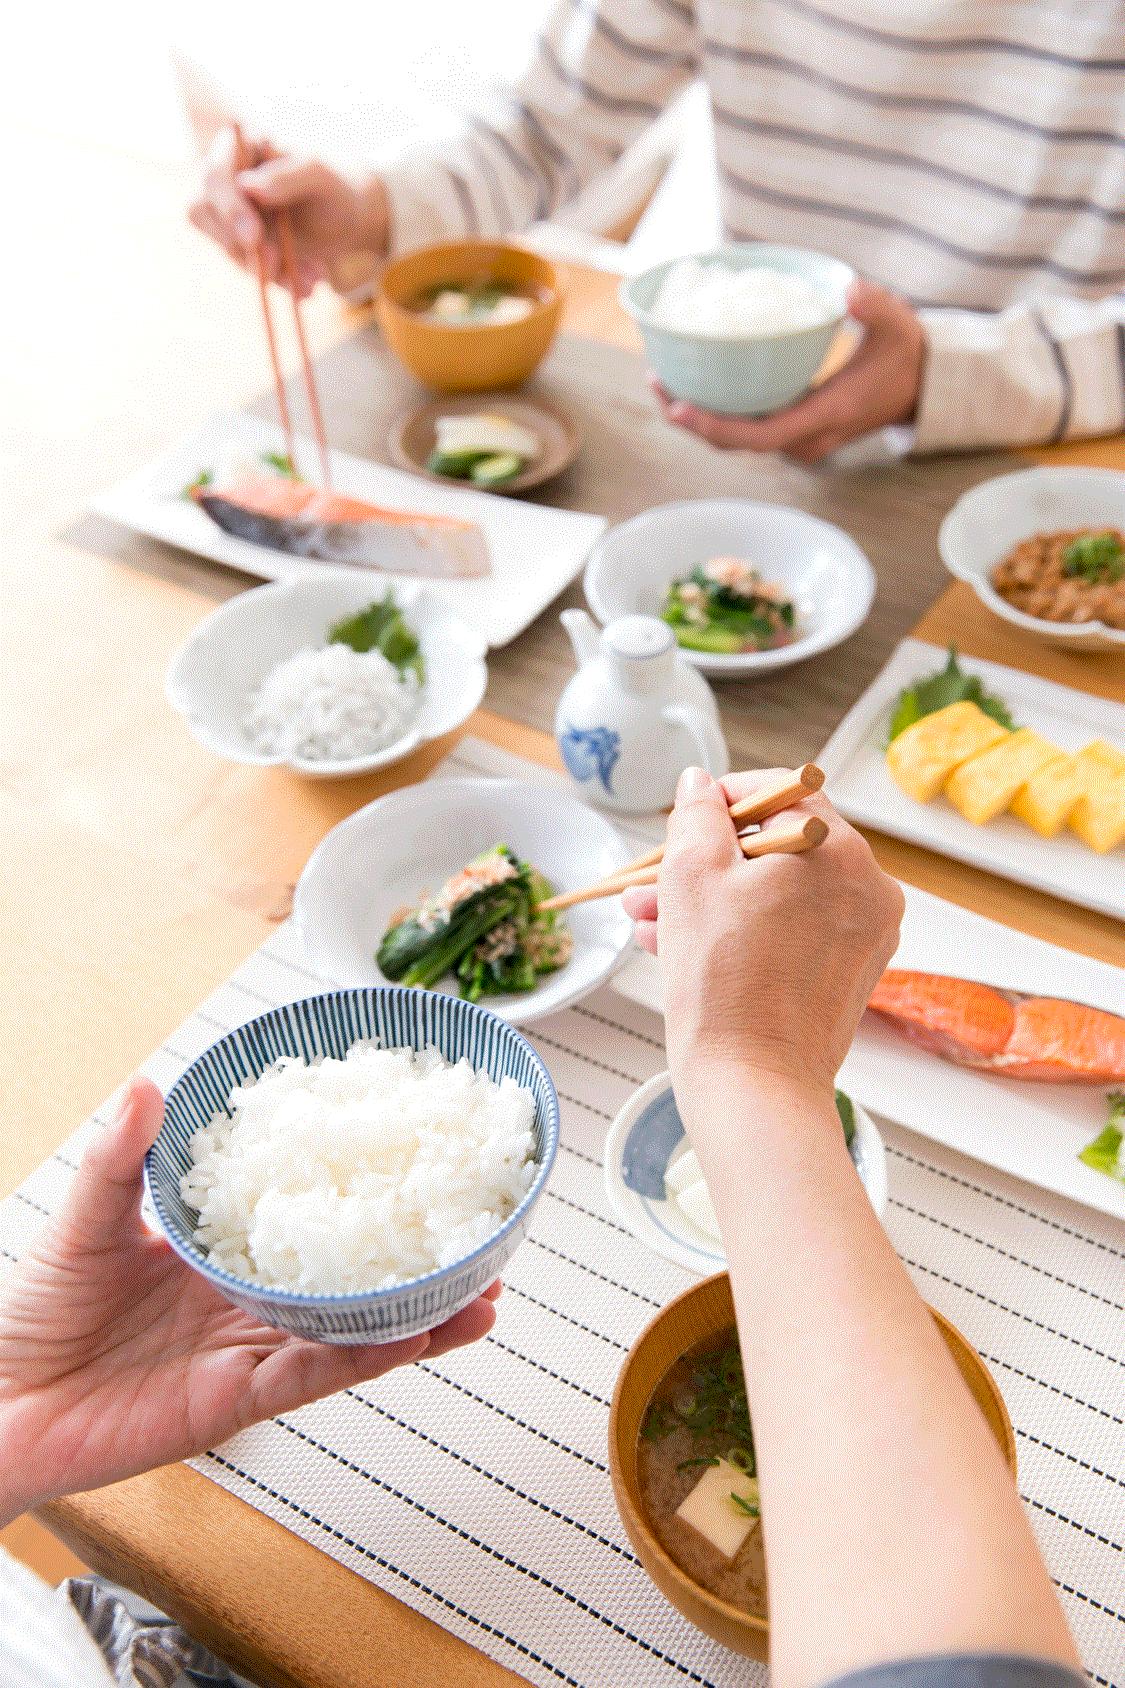 米を食べると肥満に対策できる 1日2杯のごはんが肥満度を低下